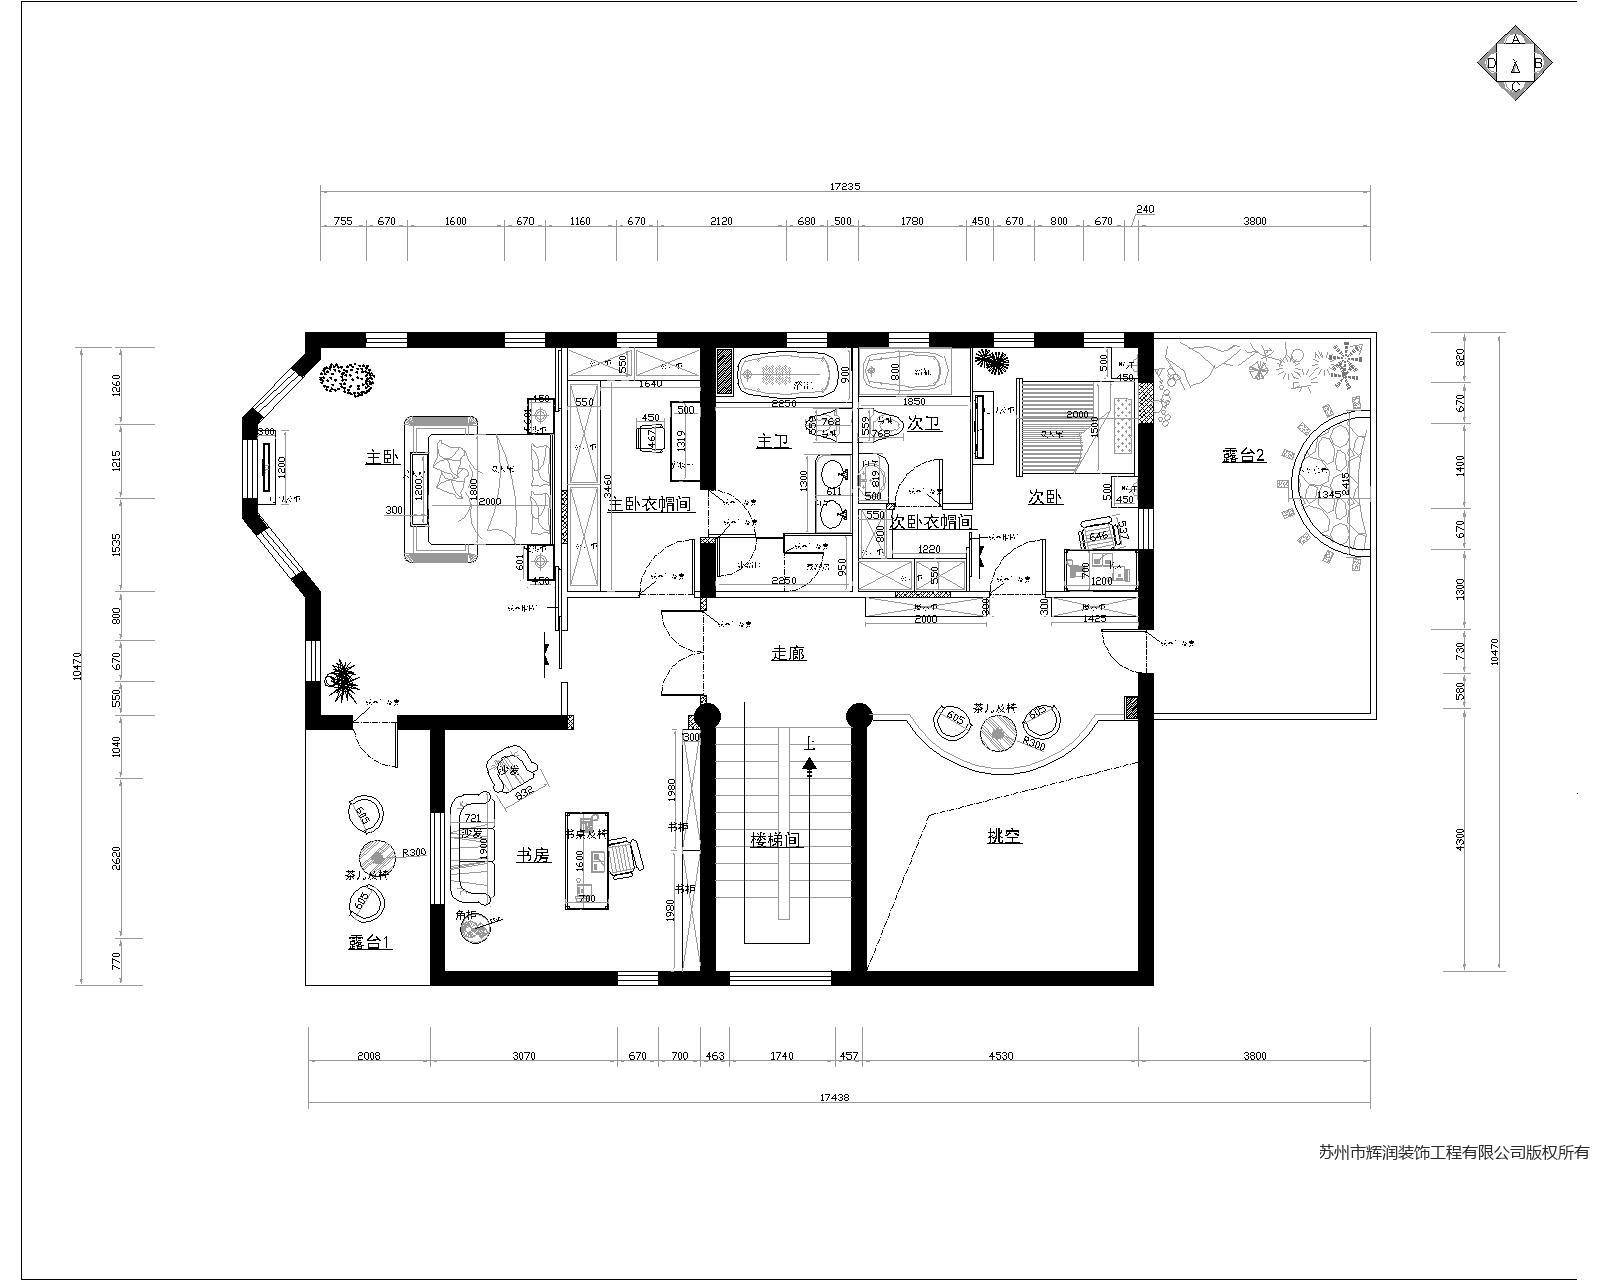 别墅案例图库之精致是一种生活态度设计图